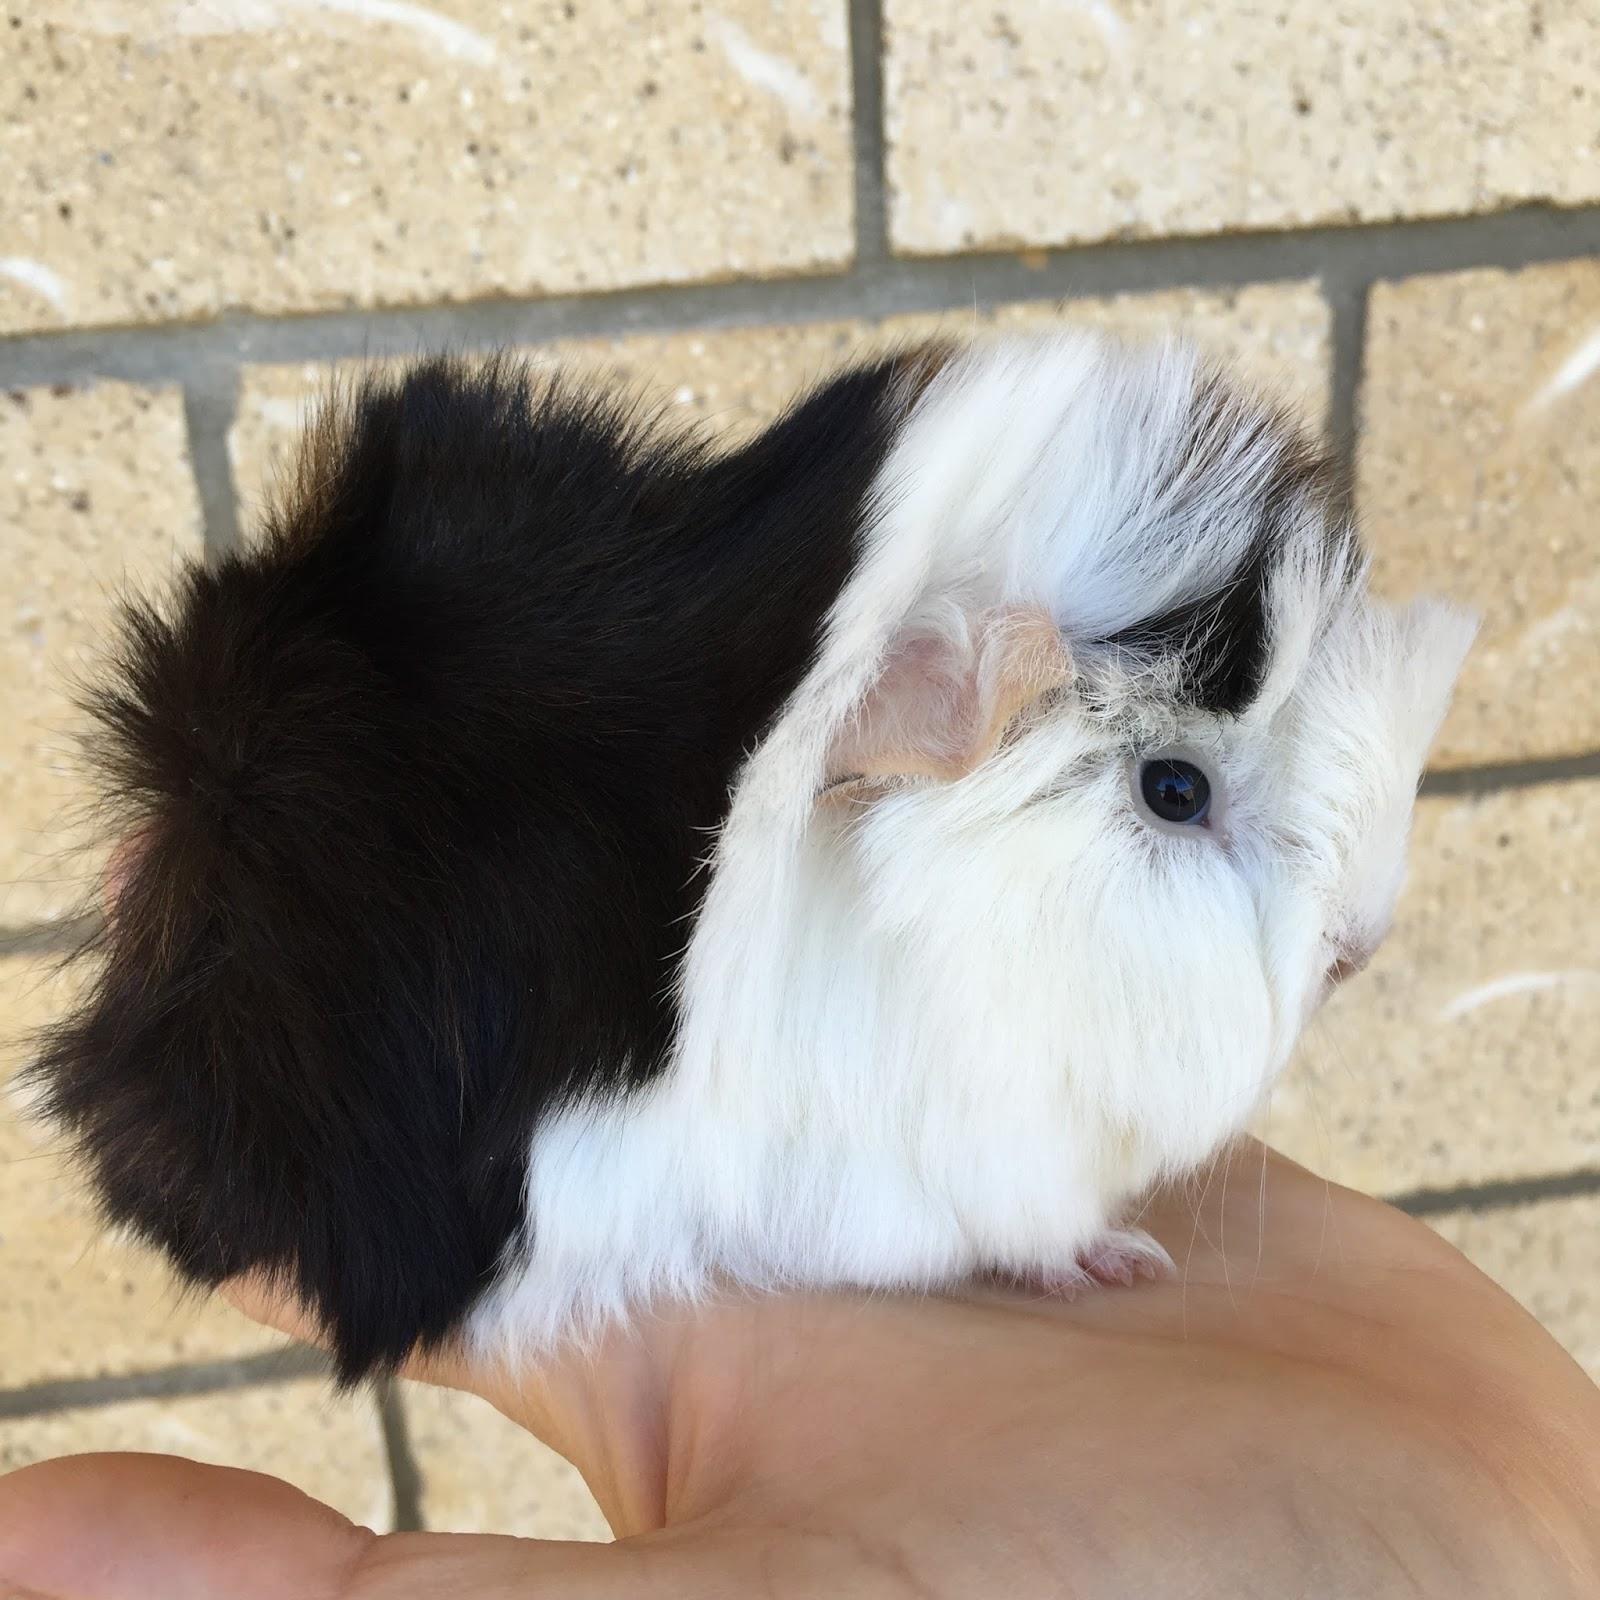 Peruvian guinea pig baby - photo#24